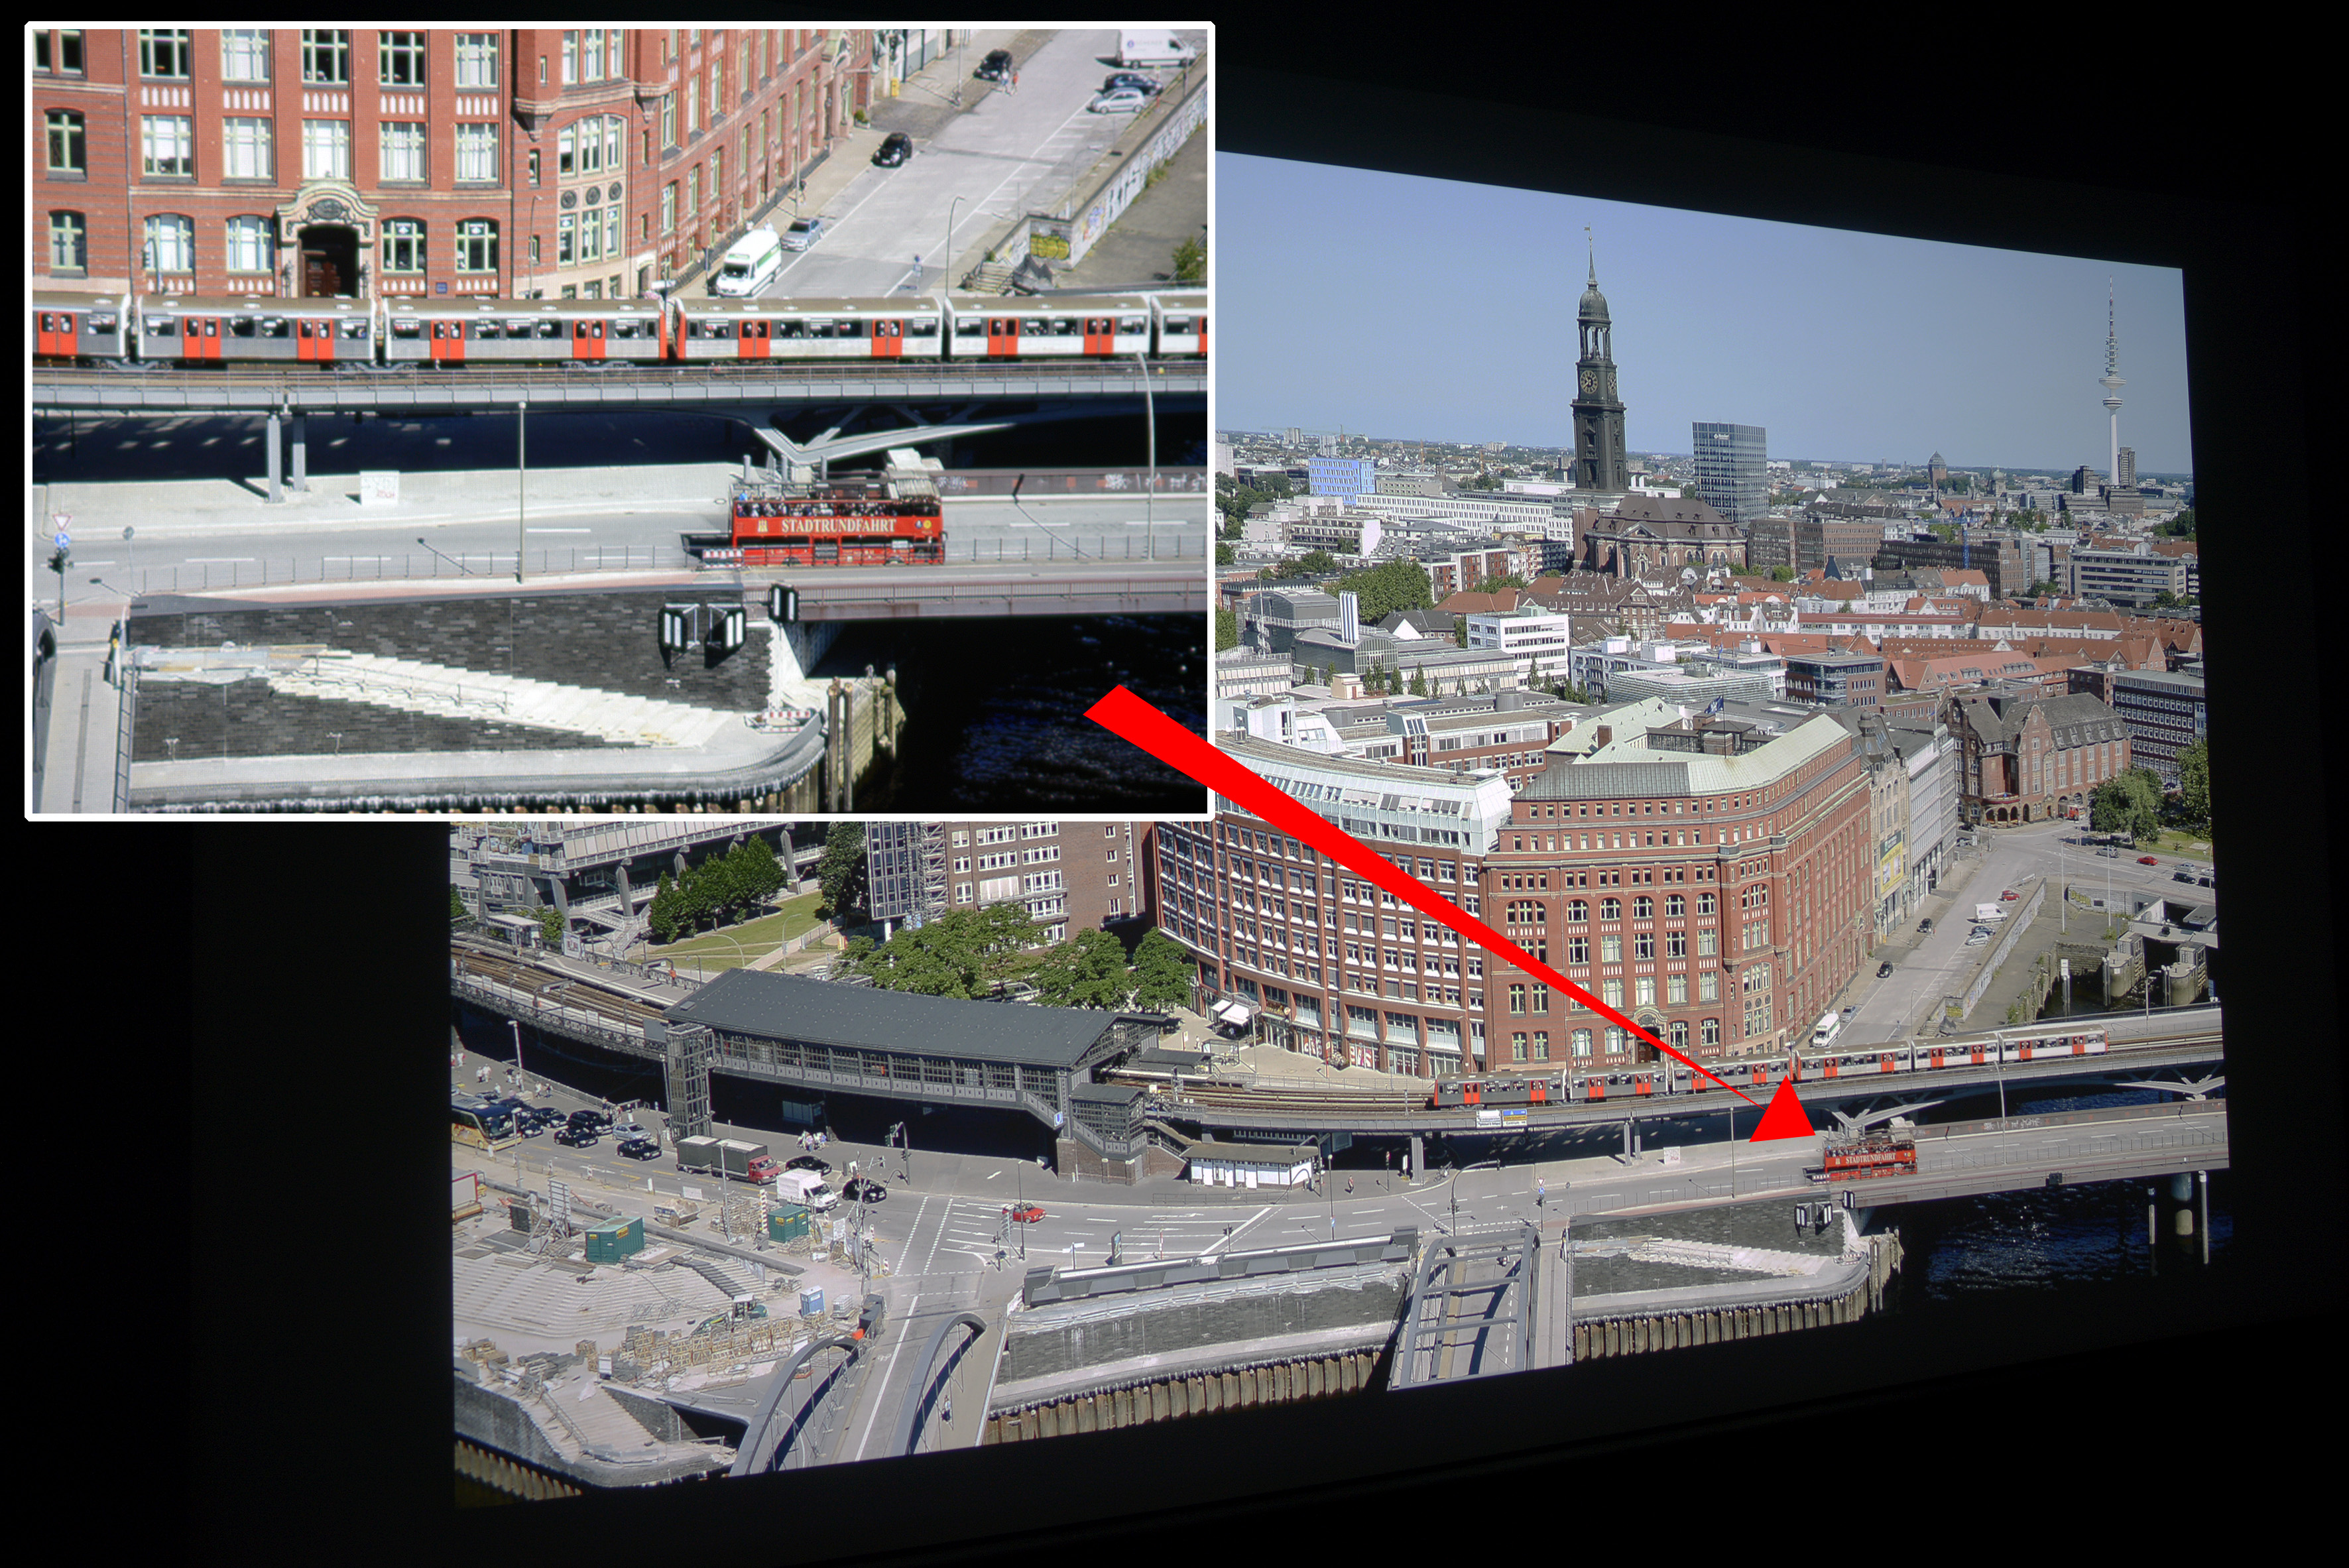 """Foto: Michael B. Rehders Das Hamburg Panorama habe ich aus der 21. Etage des Hanseatic Trade Centers geschossen. Auf dem Foto werden die Farben originalgetreu reproduziert. Der leichte Blauverlauf im Himmel gelingt dem W1700 übergangslos mit allen Nuancen. In der Ausschnittsvergrößerung (oben links) wird deutlich, wie hervorragend die Schärfe dieser UHD-Auflösung projiziert wird. Der Schriftzug """"STADTRUNDFAHRT"""" wird vollständig auf dem roten Doppeldecke abgebildet. Der Asphalt ist farbneutral und die orangenen U-Bahntüren realistisch."""